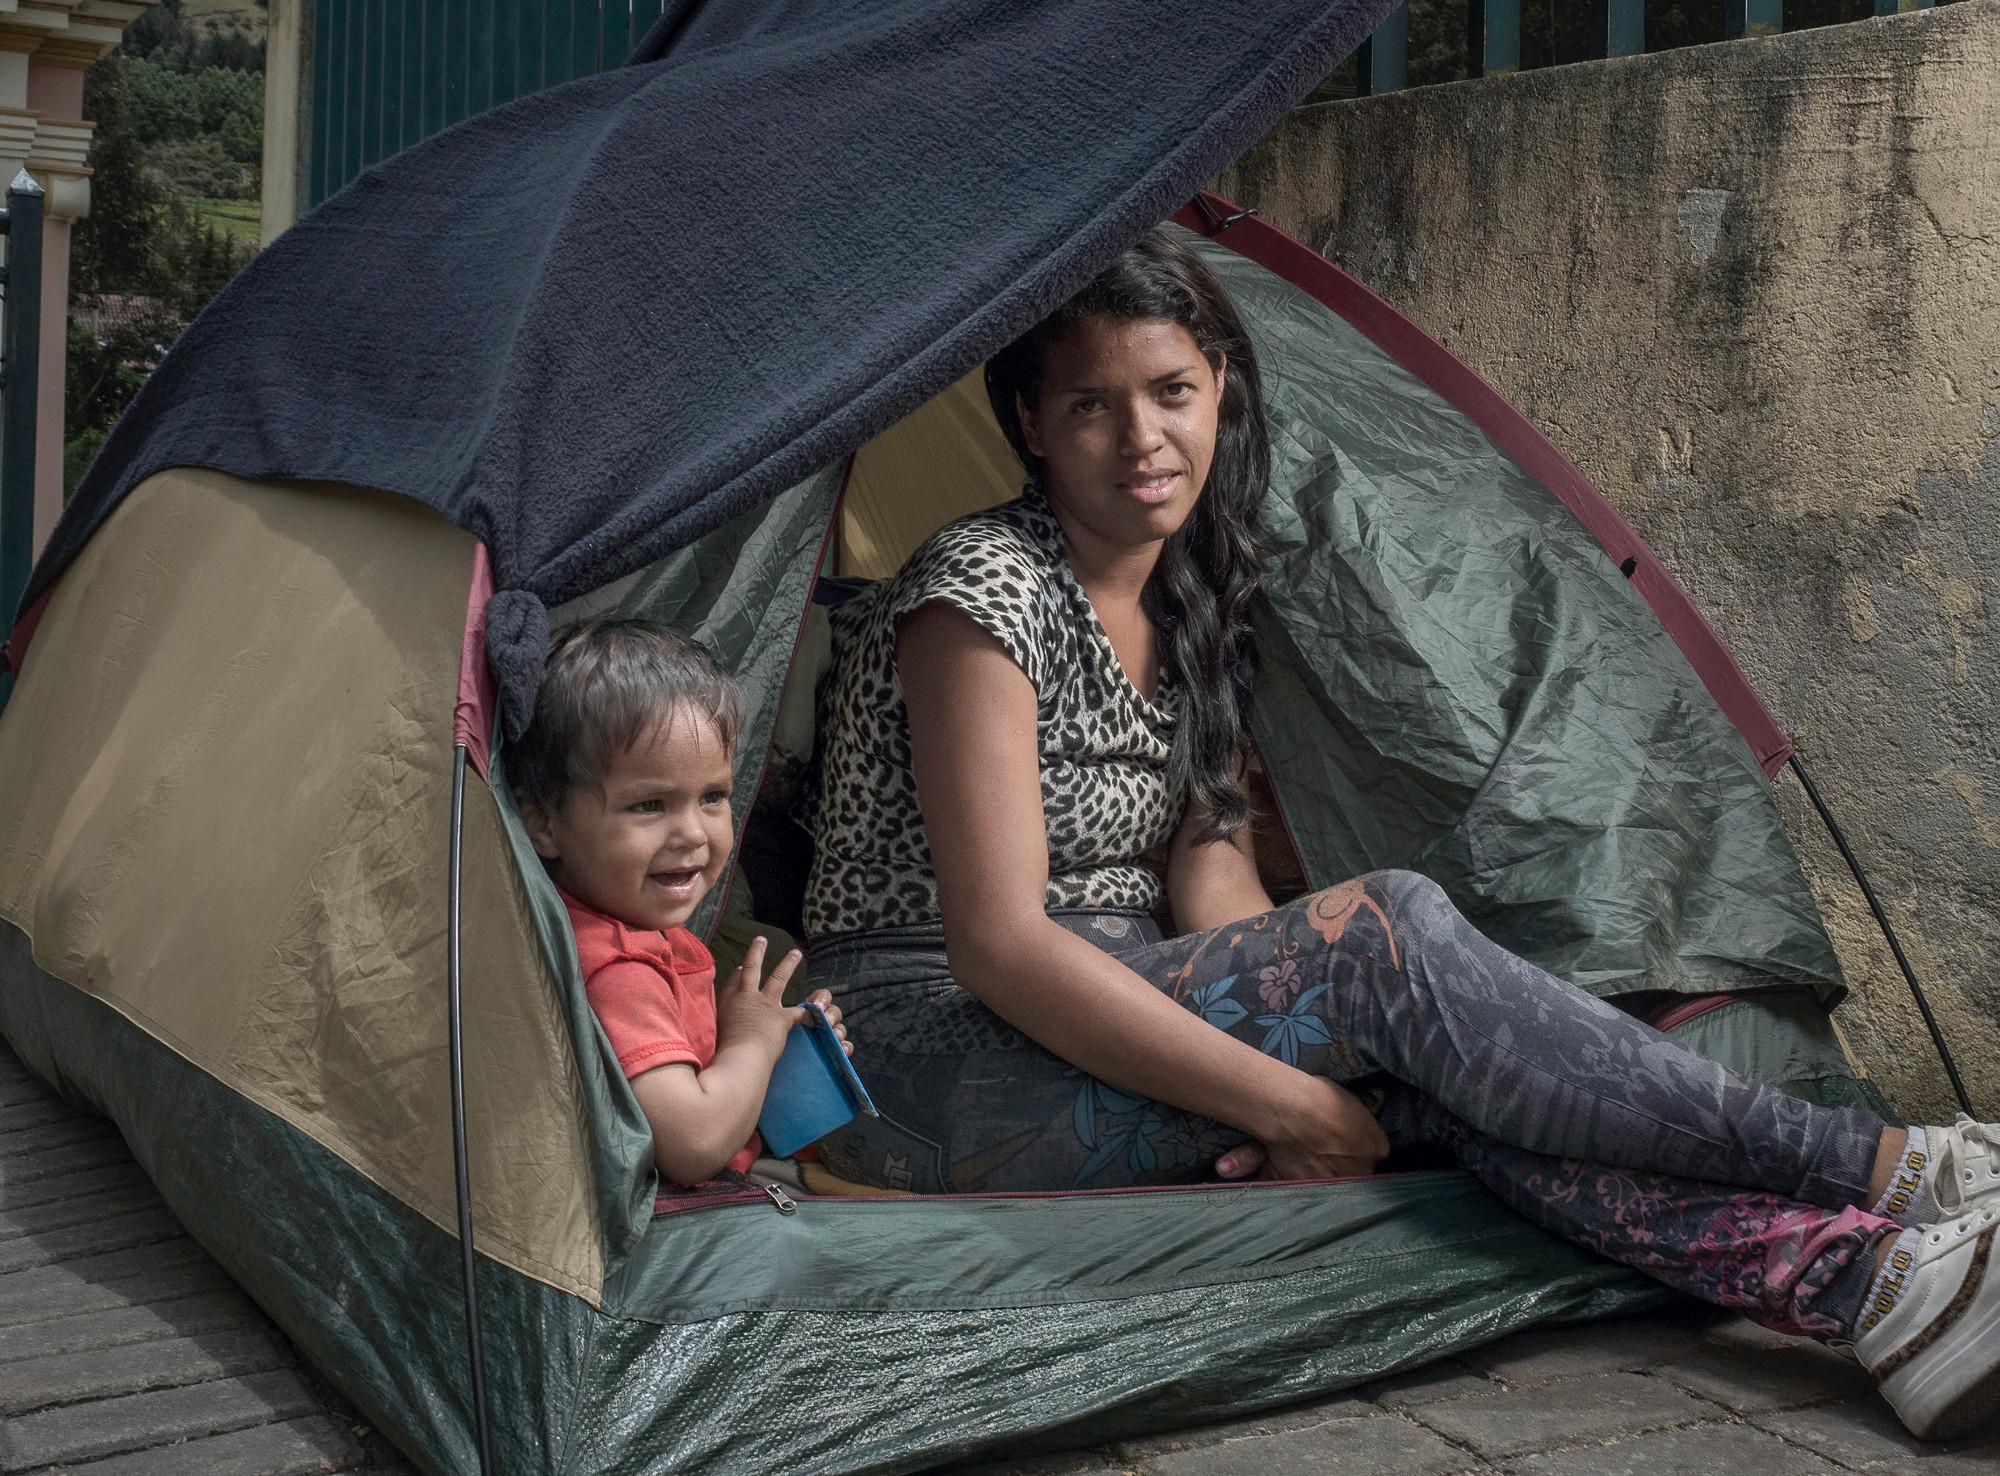 Une femme et un enfant sont assis dans une tente.